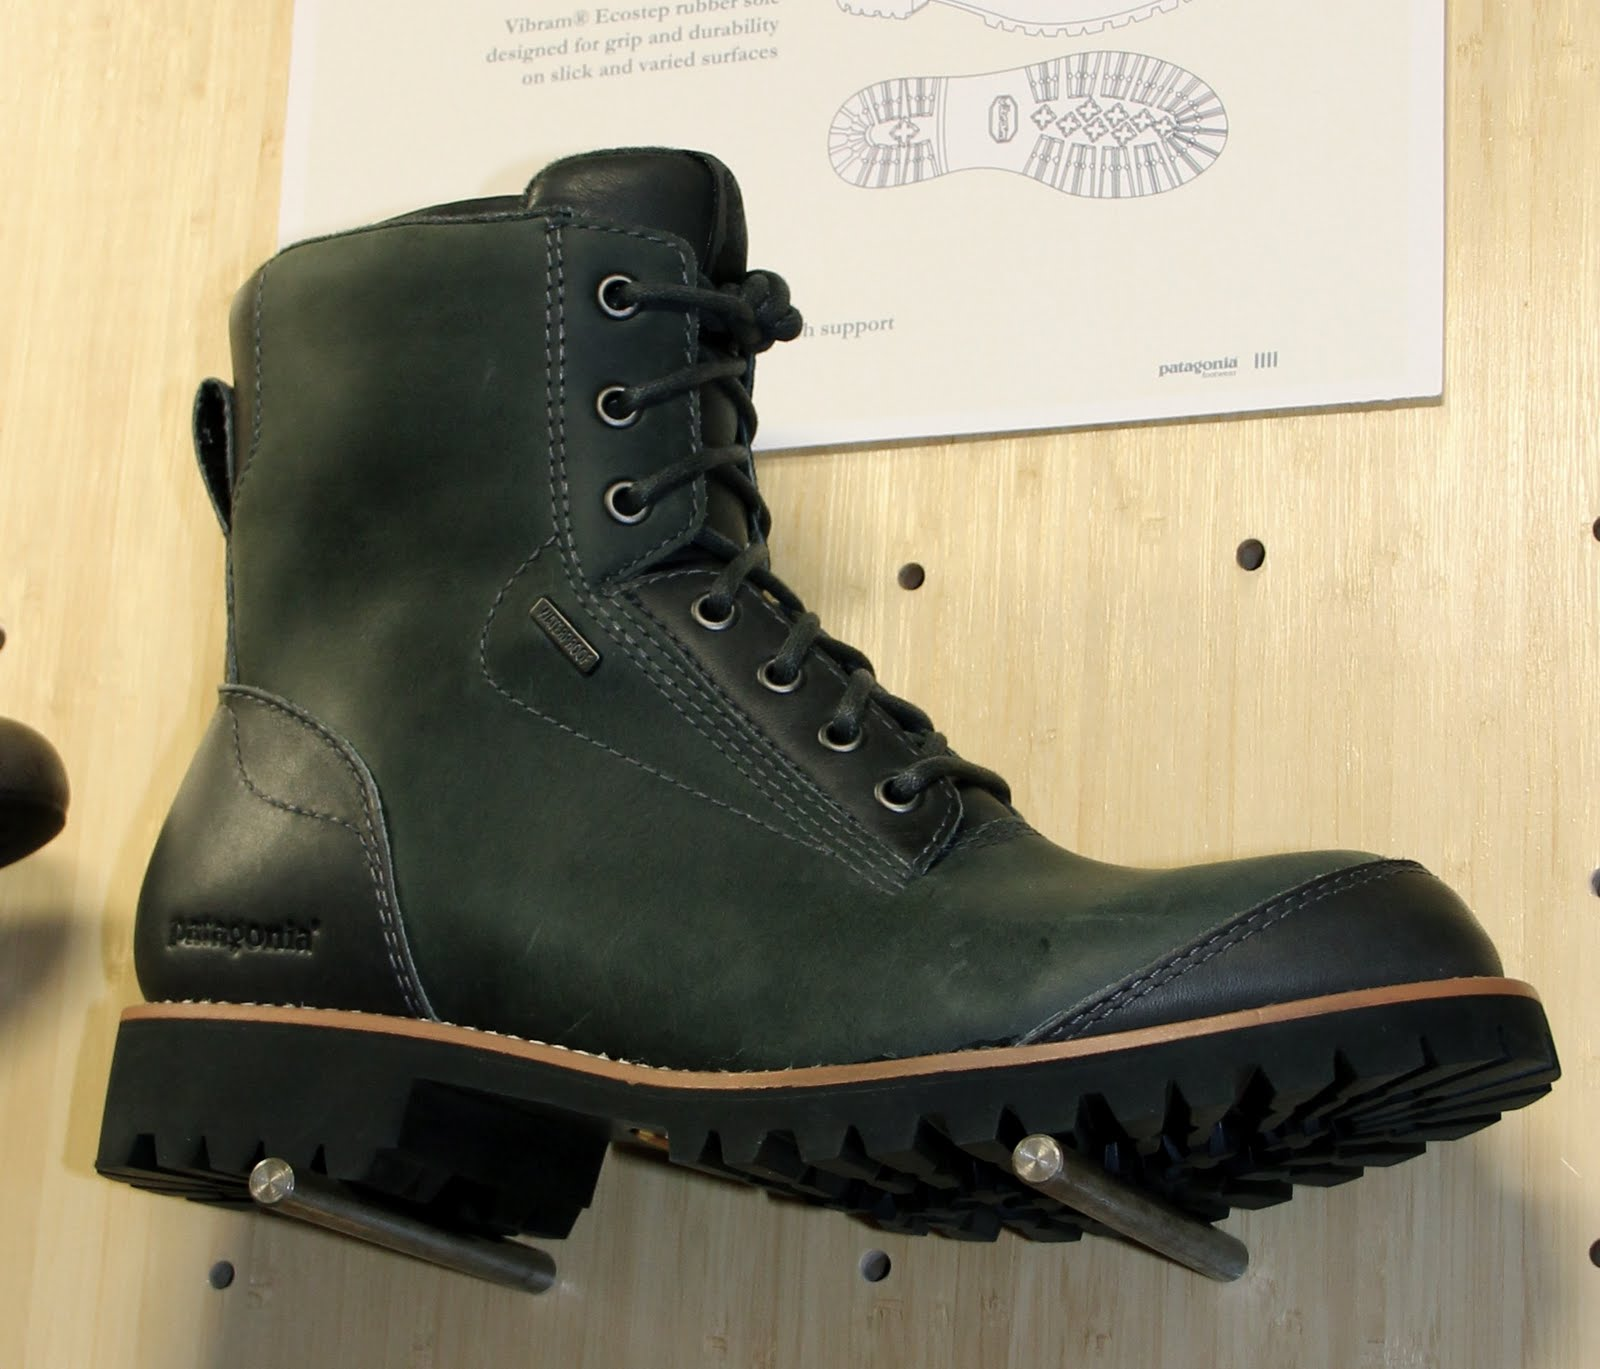 Patagonia Amp Merrell Footwear Fall 2011 Media Preview